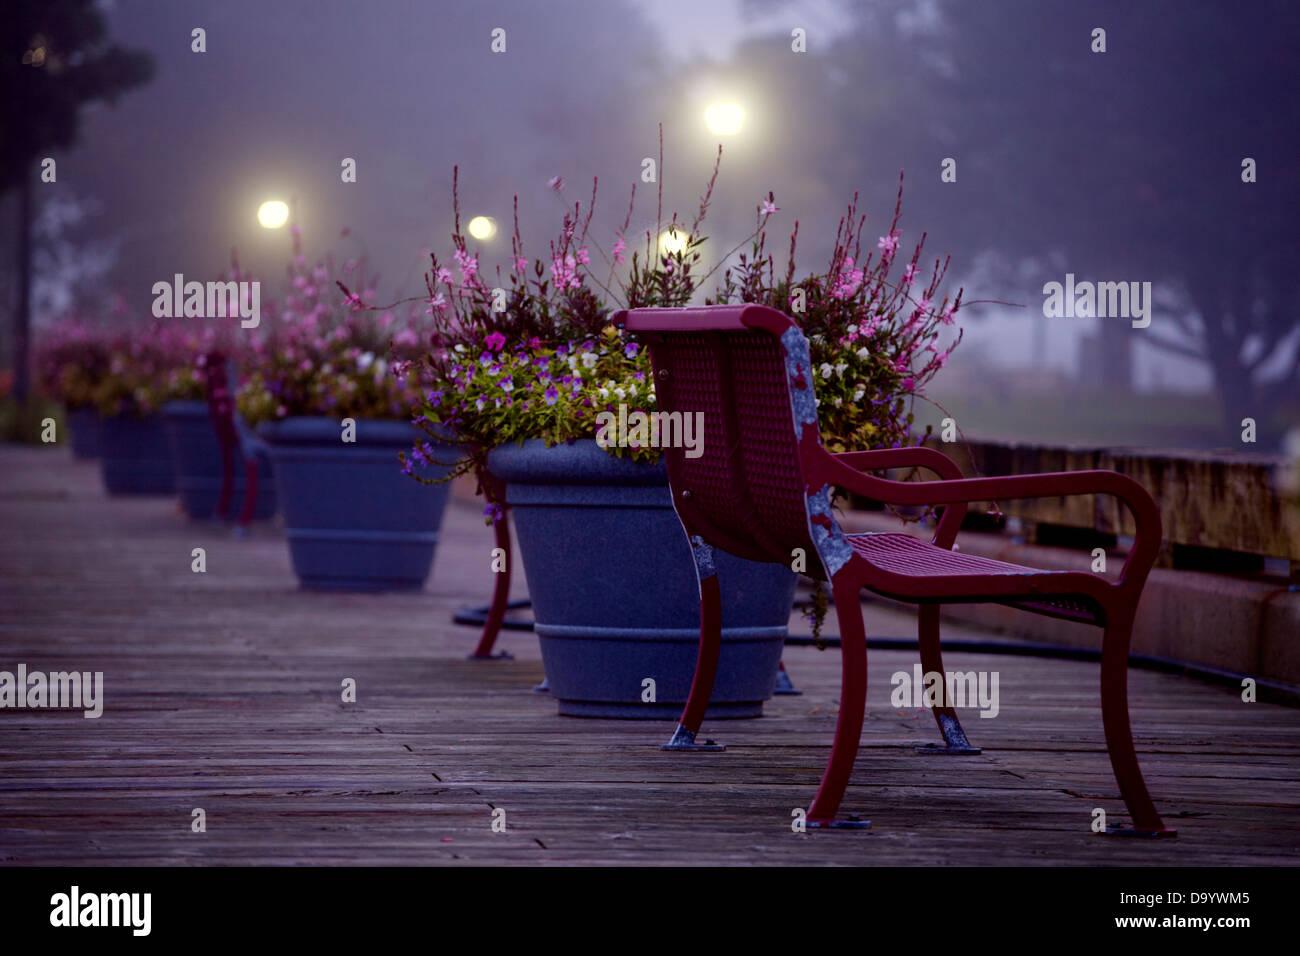 Low-Light Szene der Park Bench und Blumentöpfe auf einem Holzsteg. Stockbild